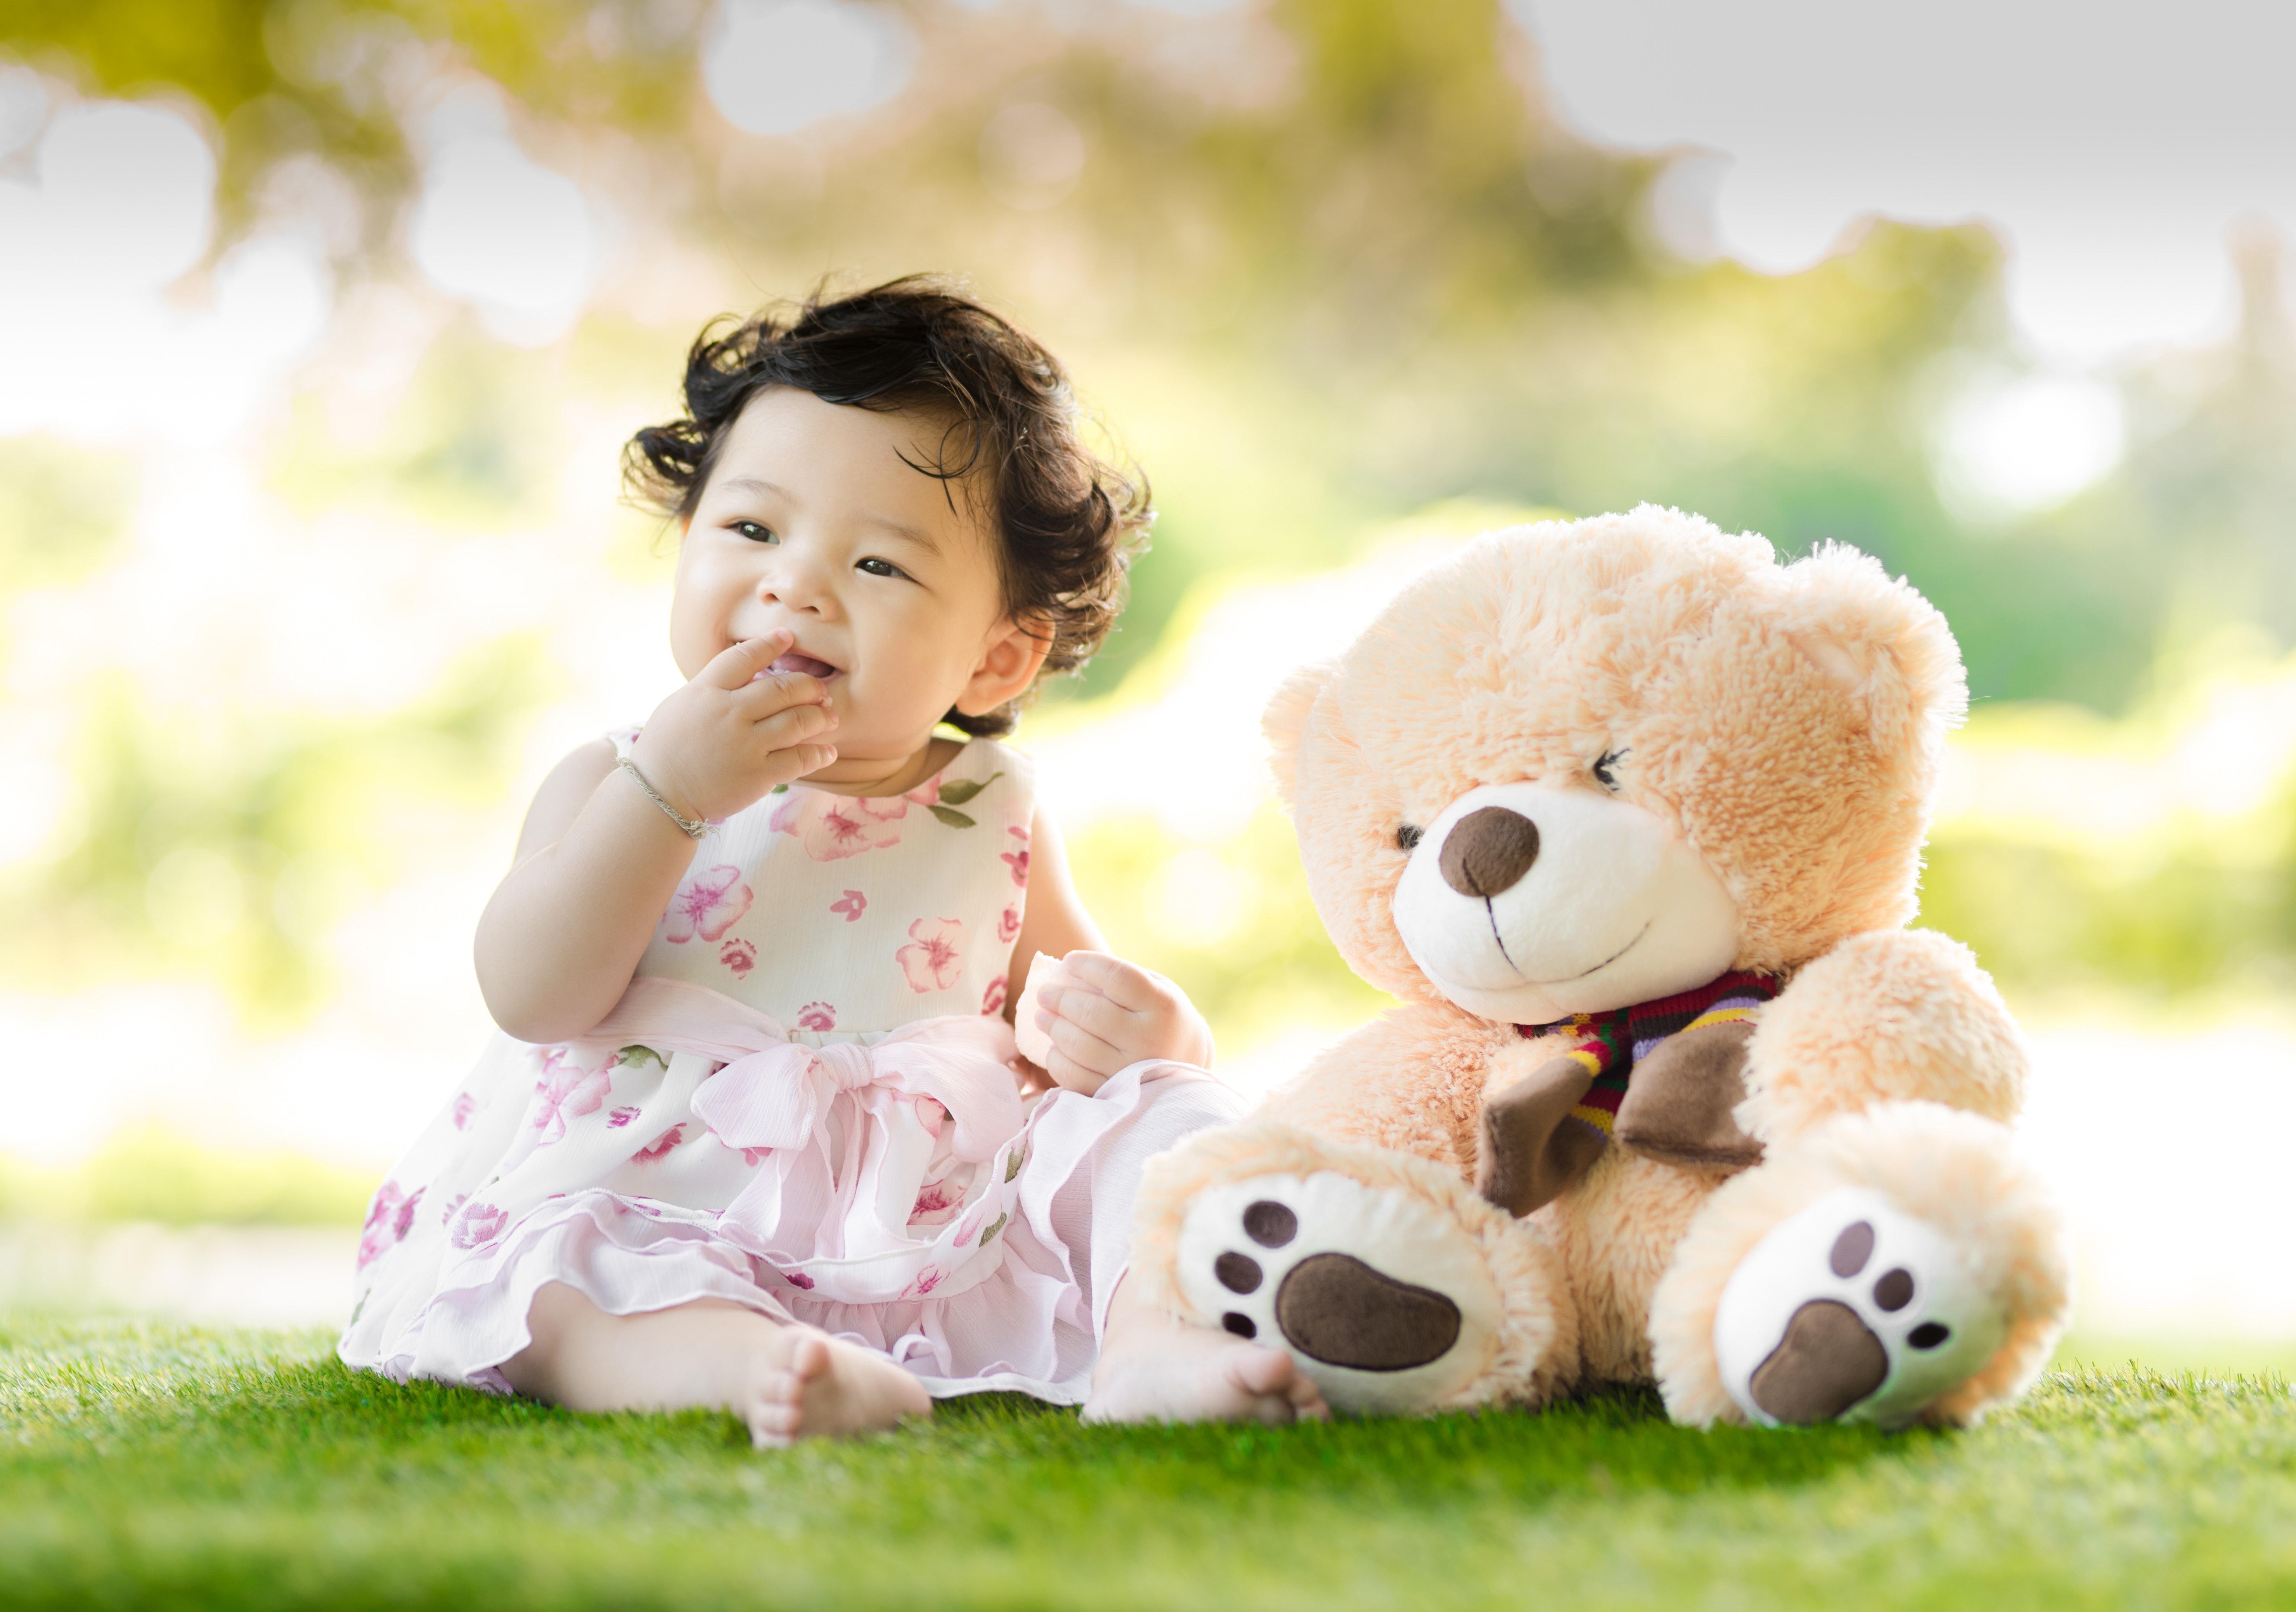 Hoe veilig is kunstgras voor baby's